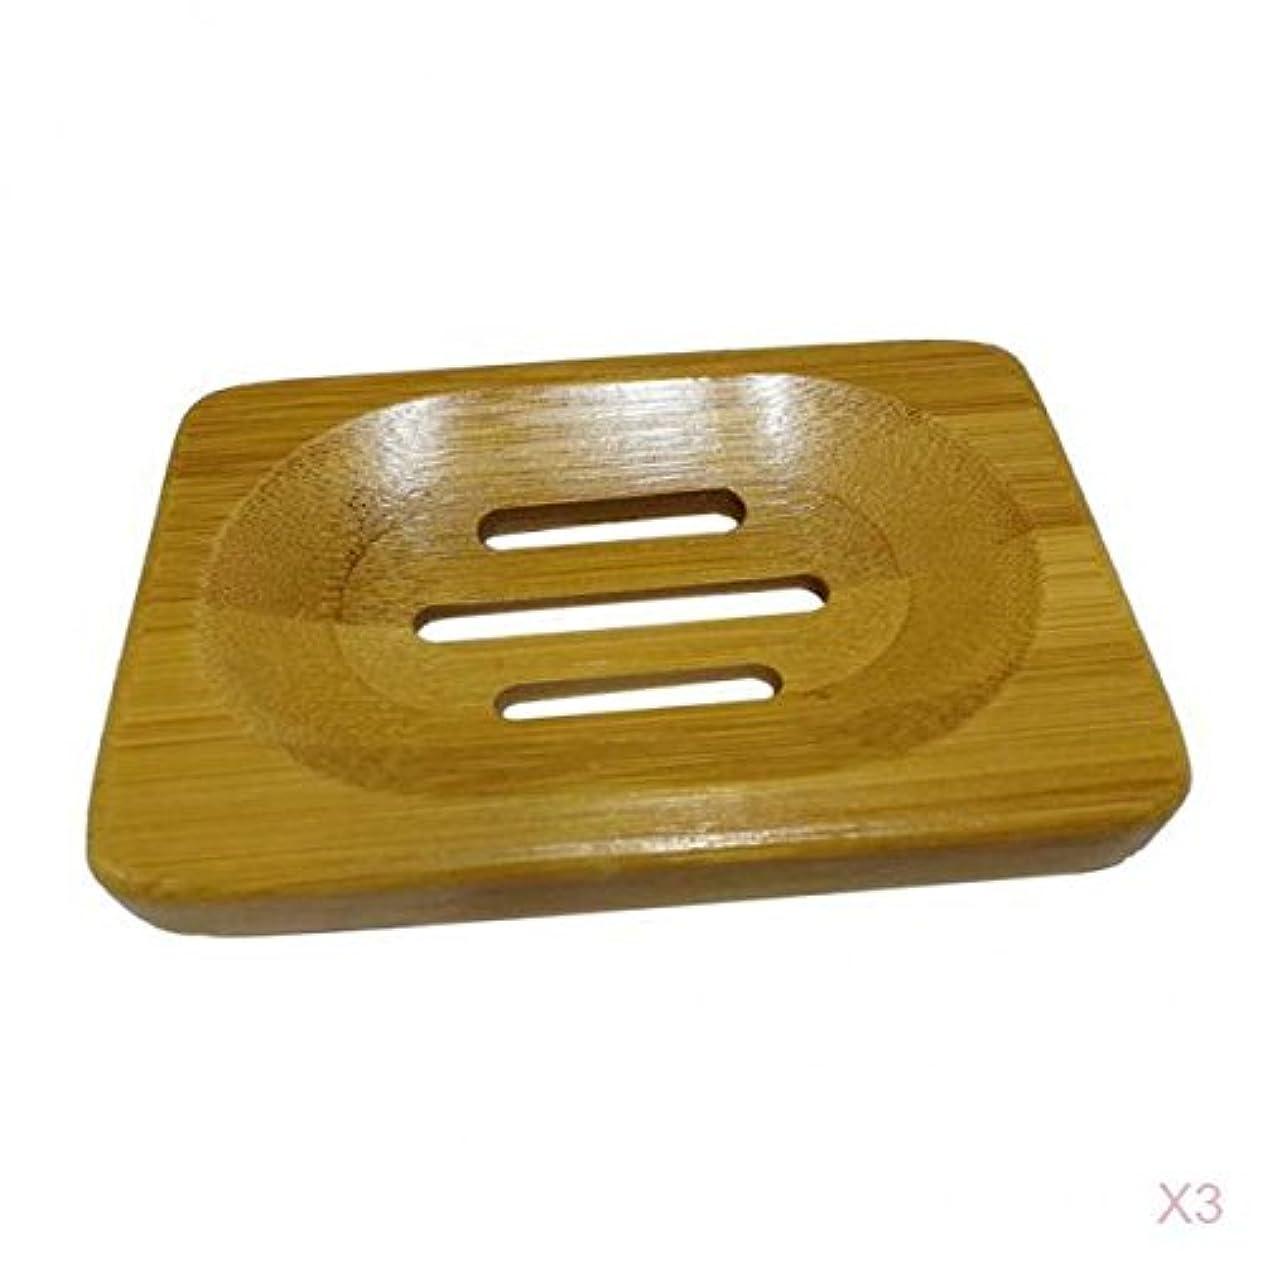 精緻化命題判読できないHomyl 3個 木製 石鹸 ケース ホルダー